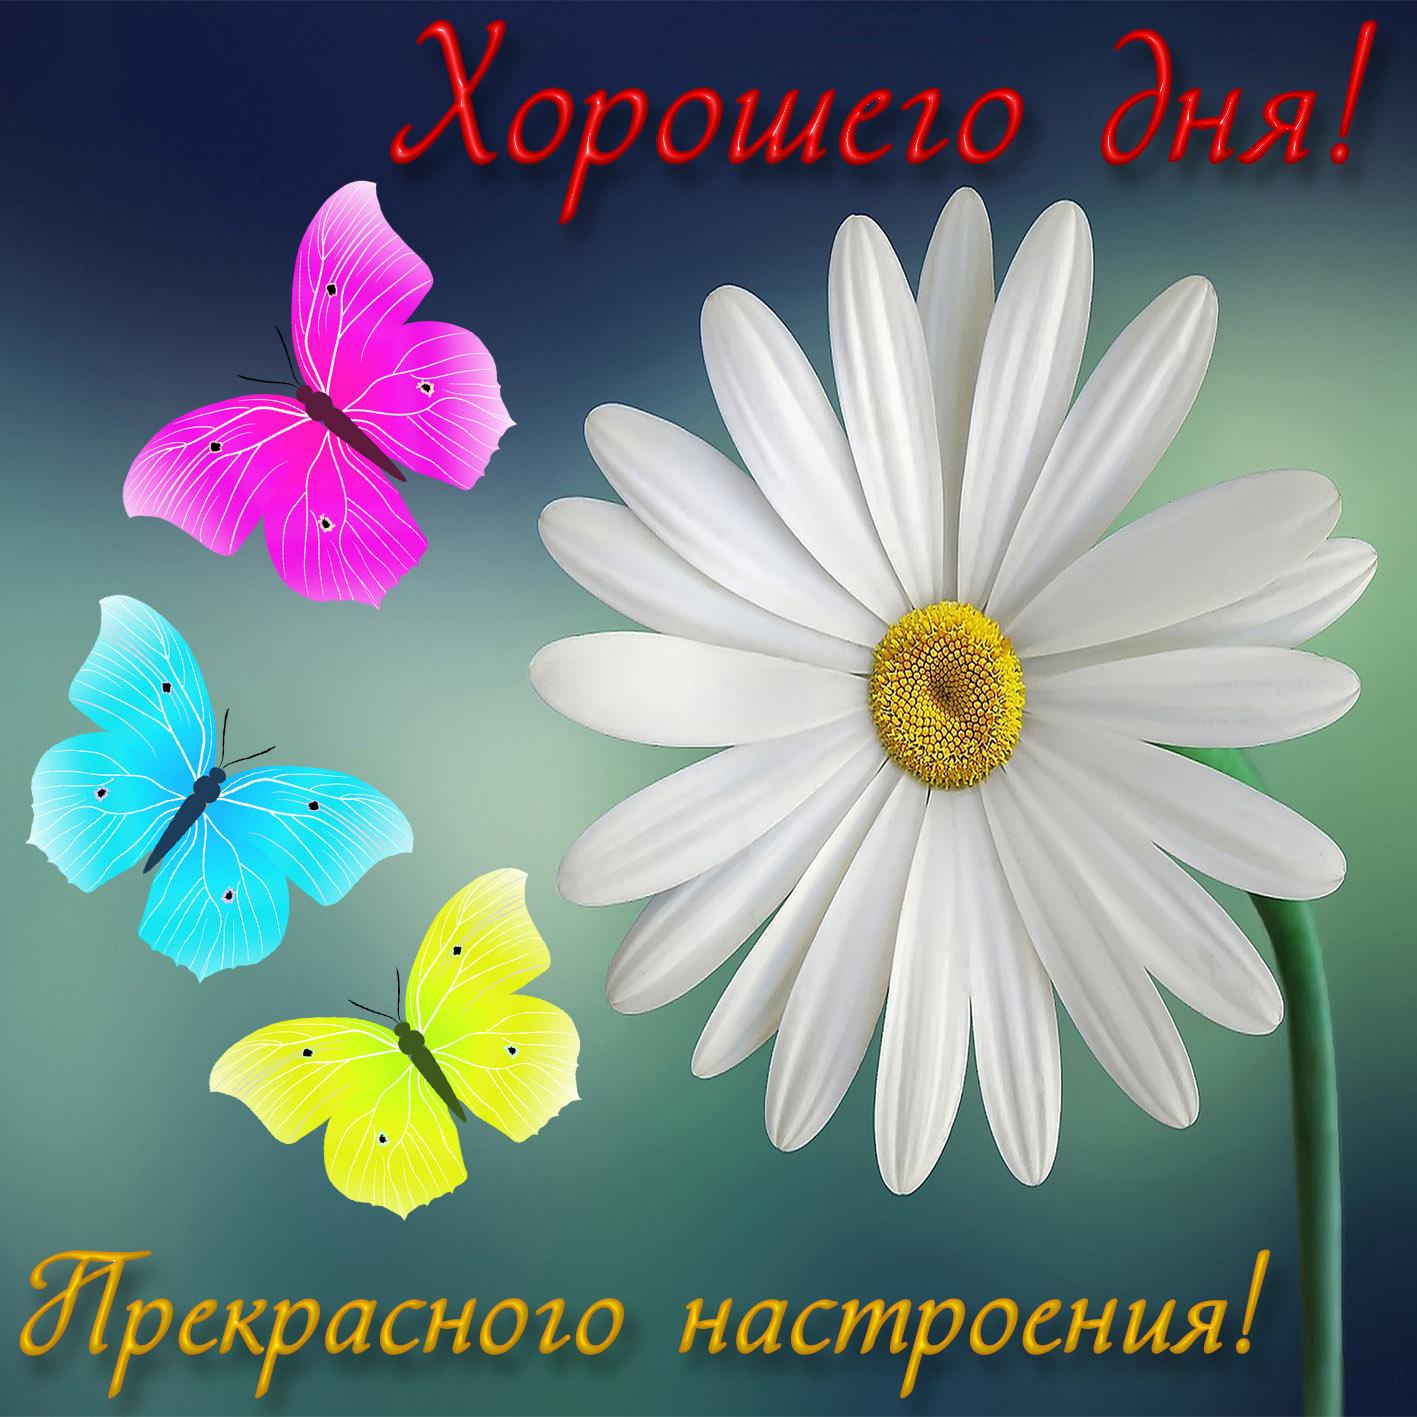 Картинки доброго дня и наилучшие пожелания